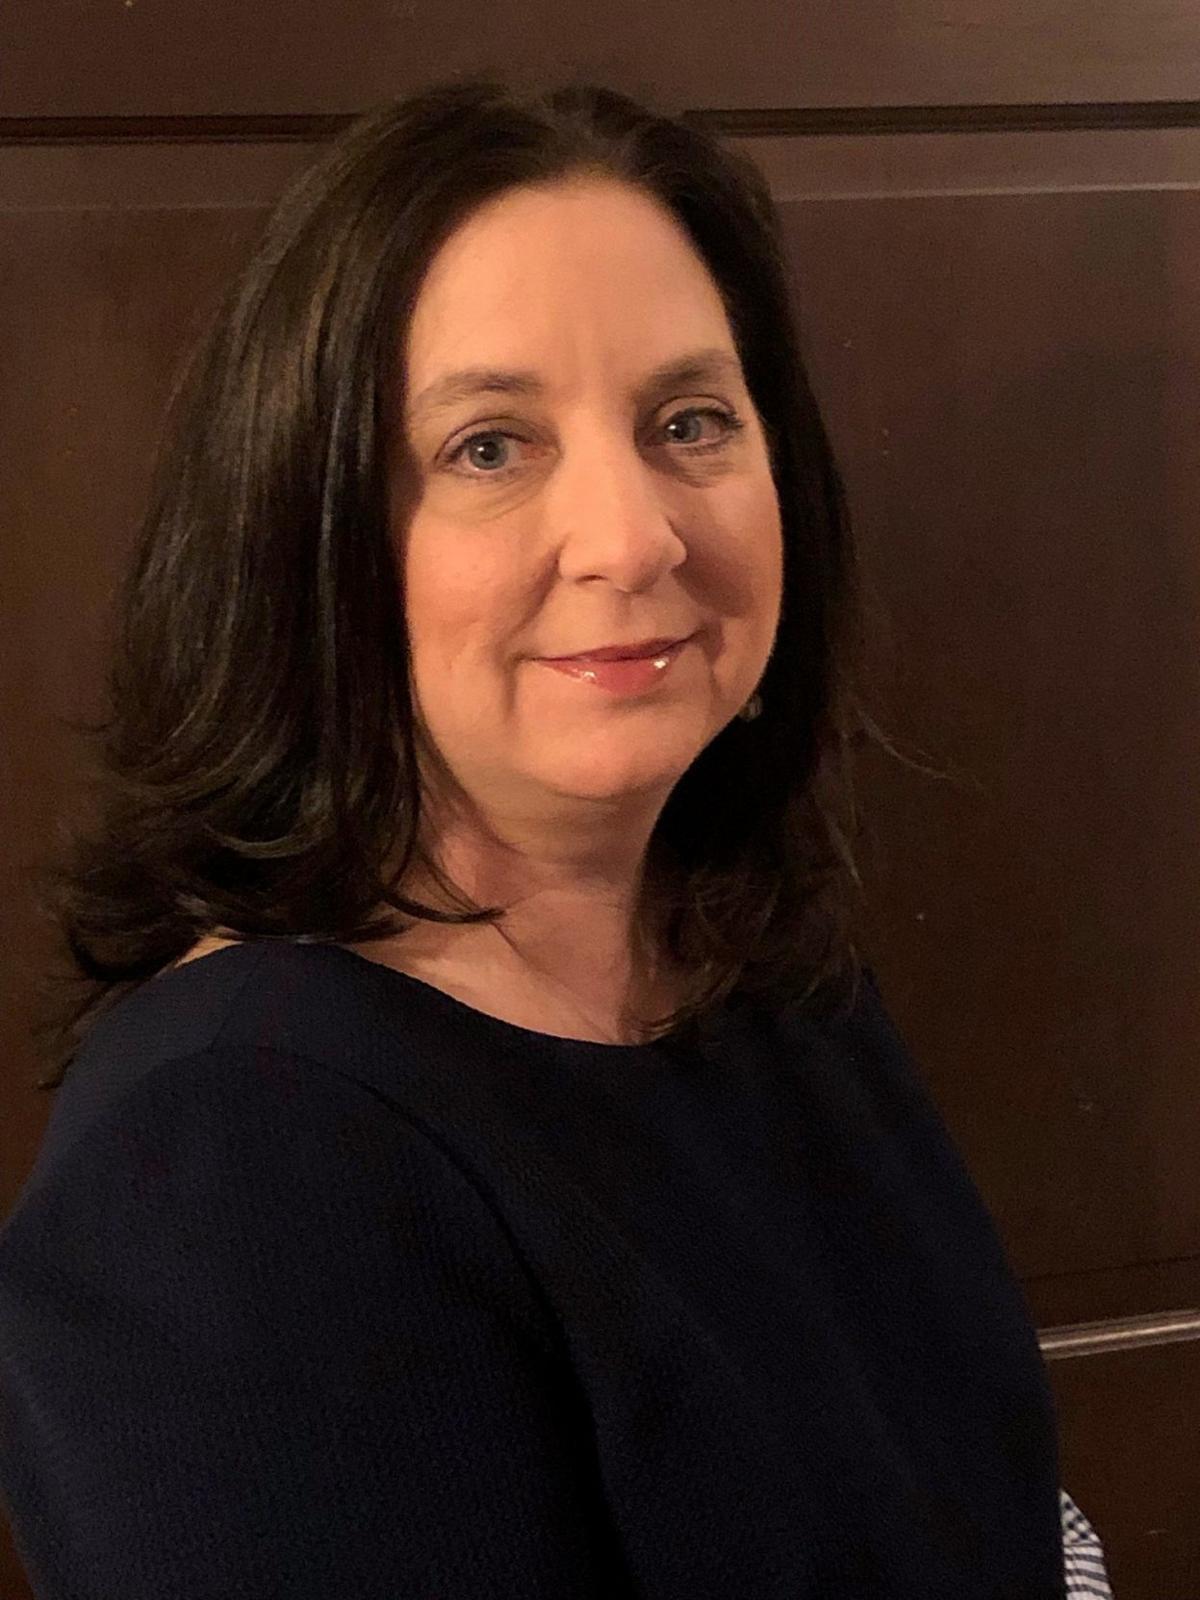 Wendy Huckaby